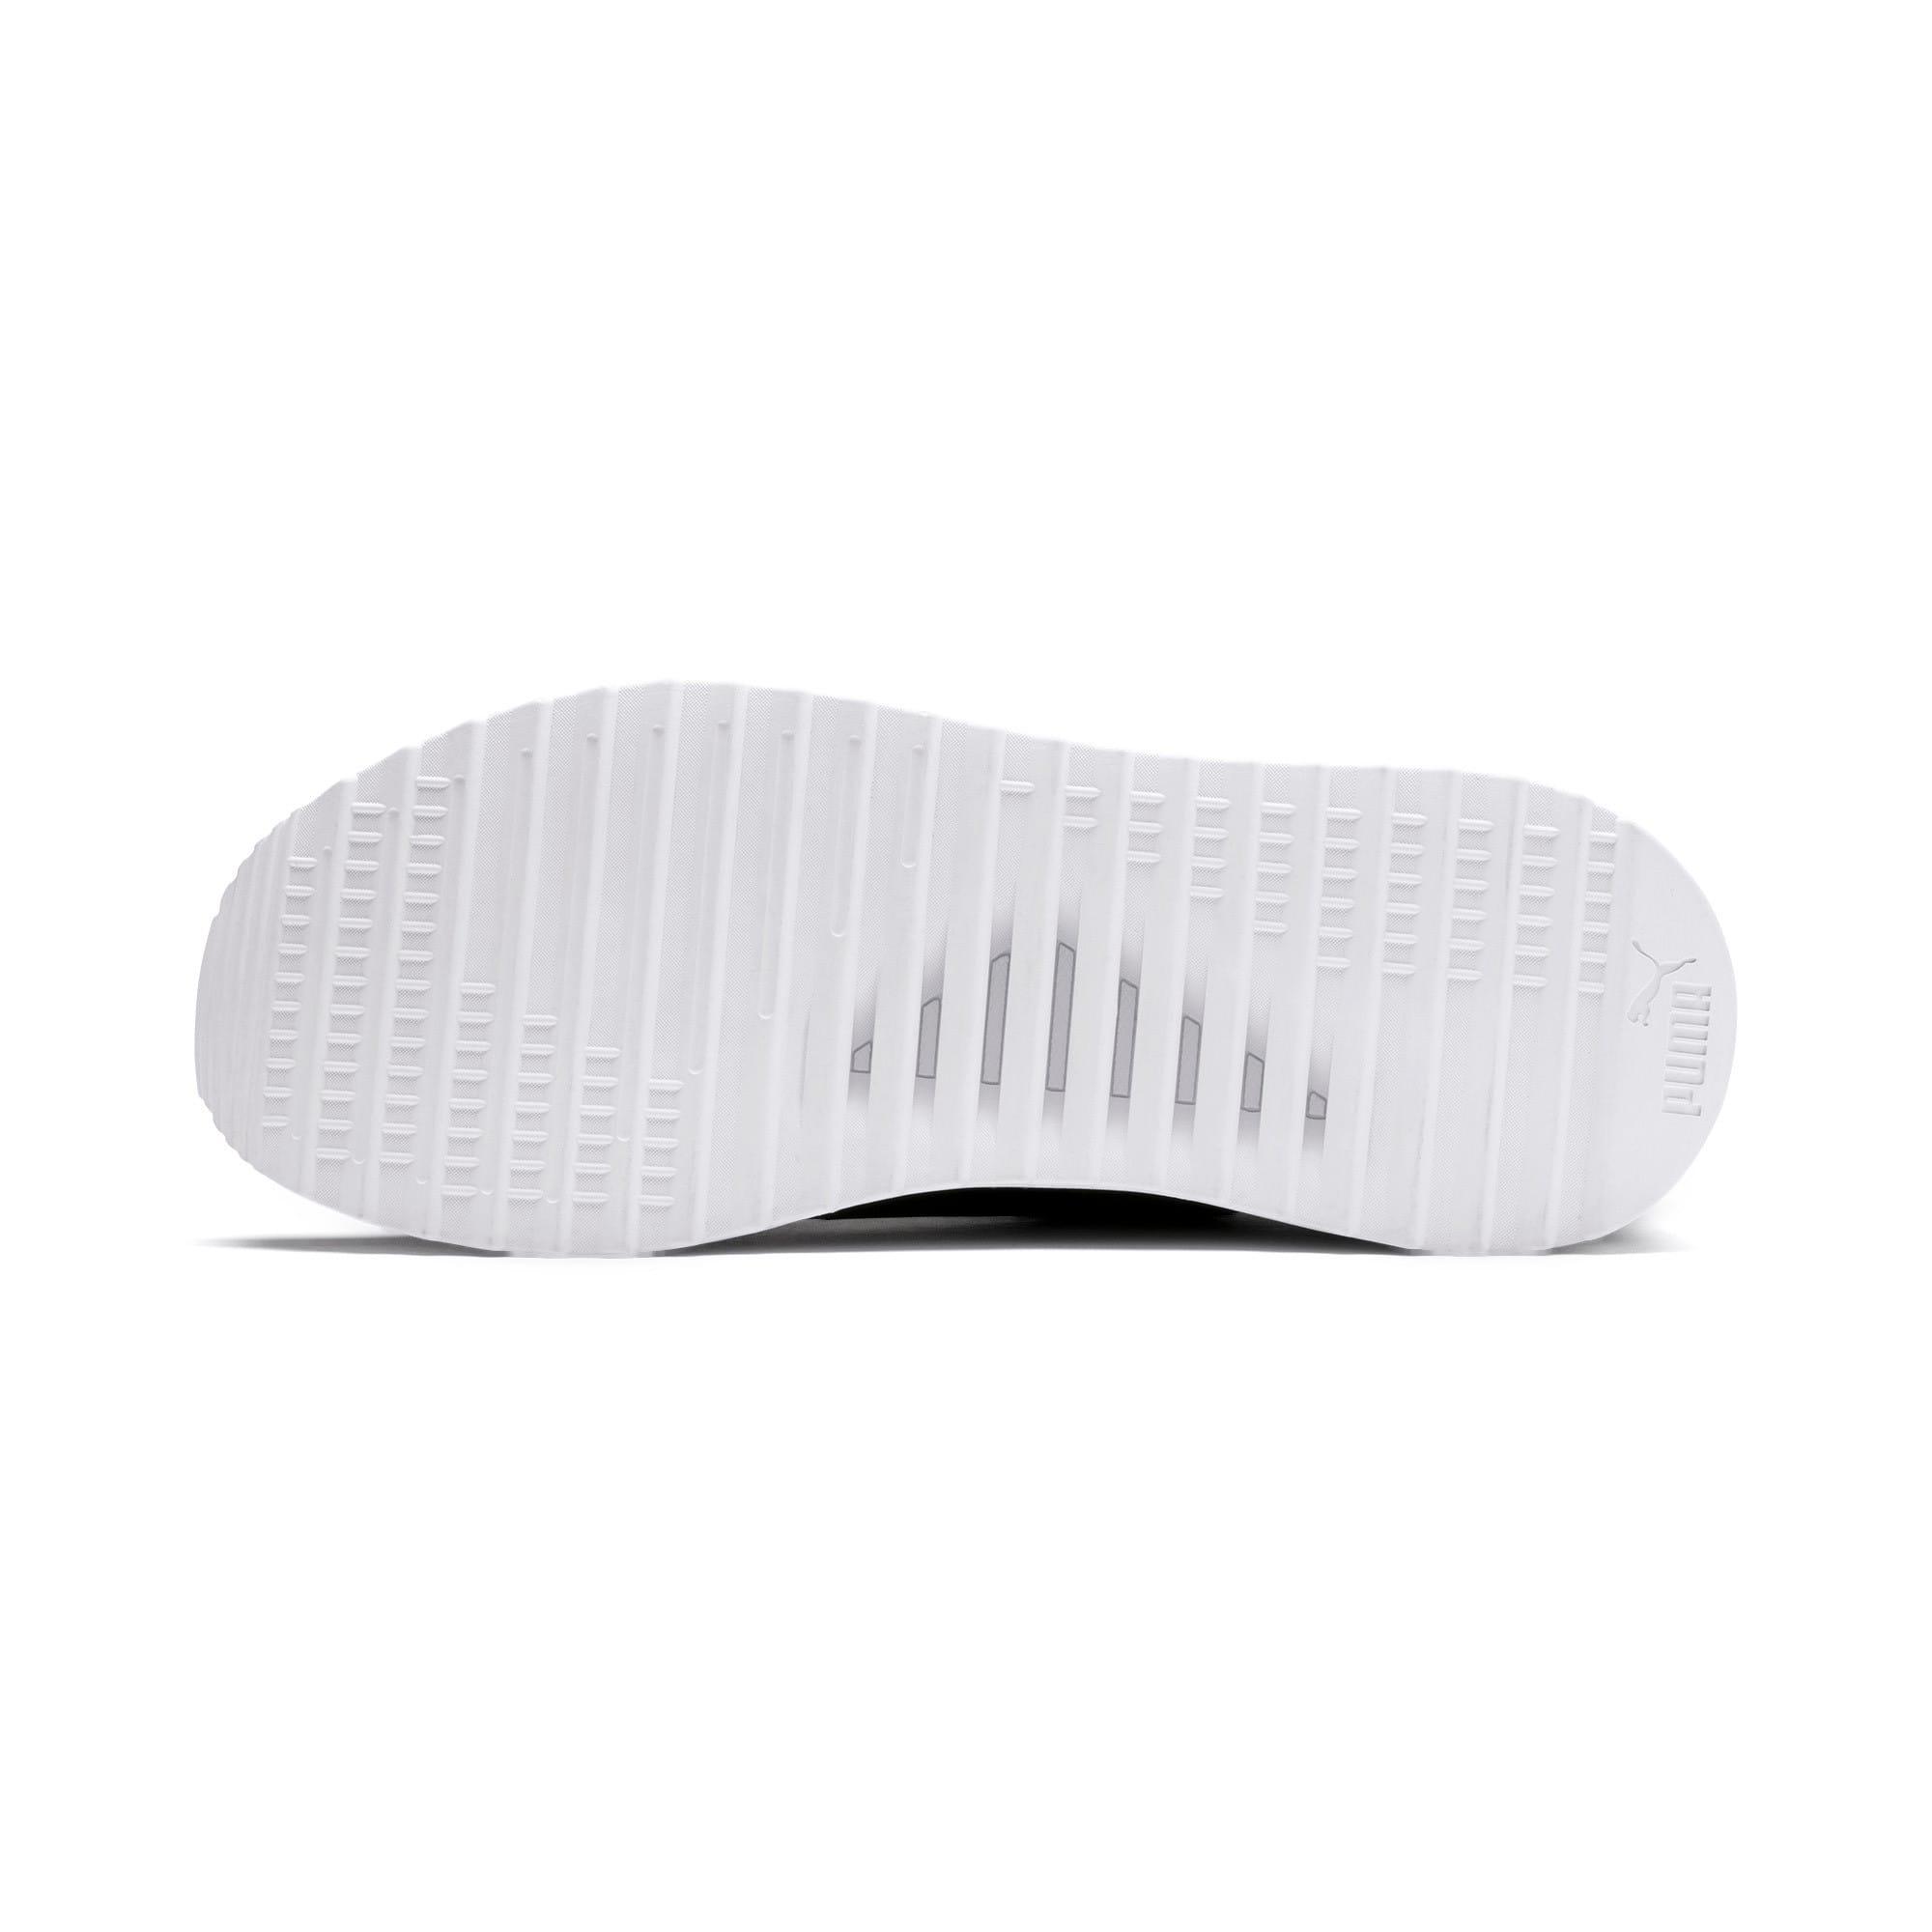 Miniatura 4 de Zapatos deportivosPacer Next FS, Puma Black-Iron Gate, mediano